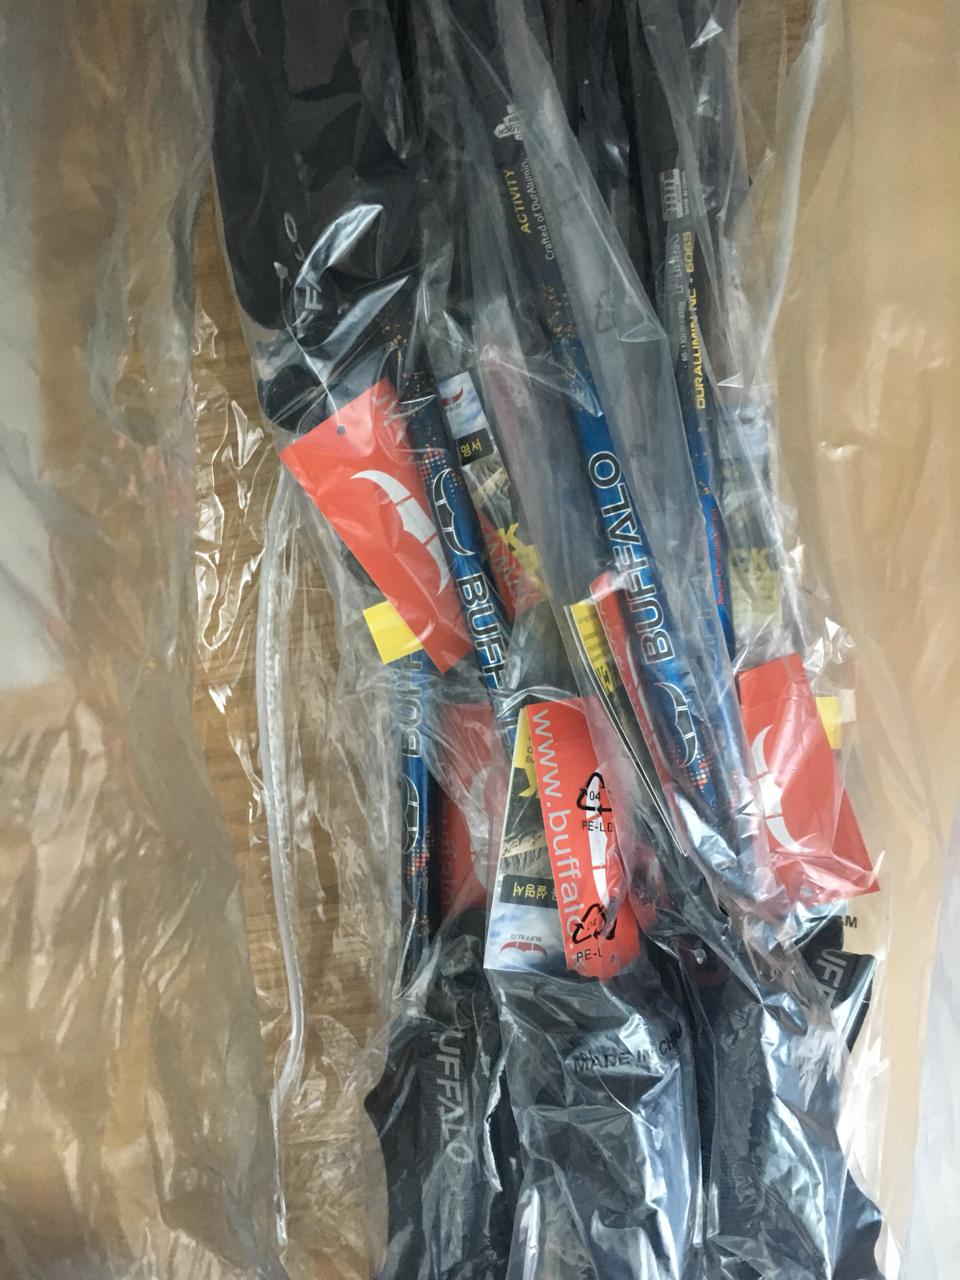 버팔로 등산 스틱 듀랄루민 210g 초경량 소재 새제품 등산용품 지팡이 등산스틱